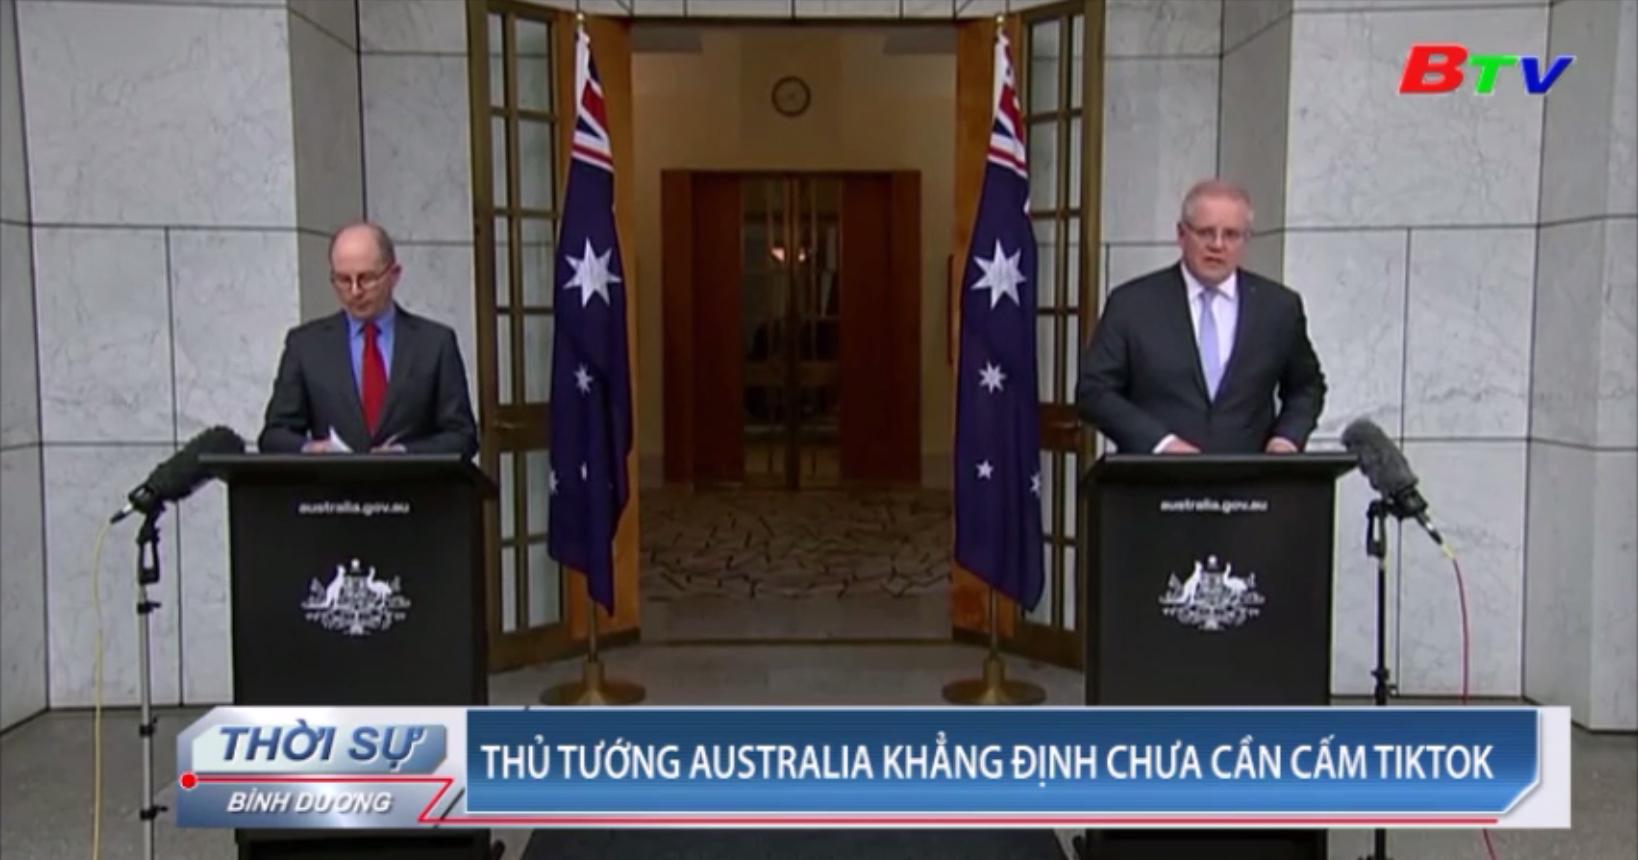 Thủ tướng Australia khẳng định chưa cần cấm TikTok